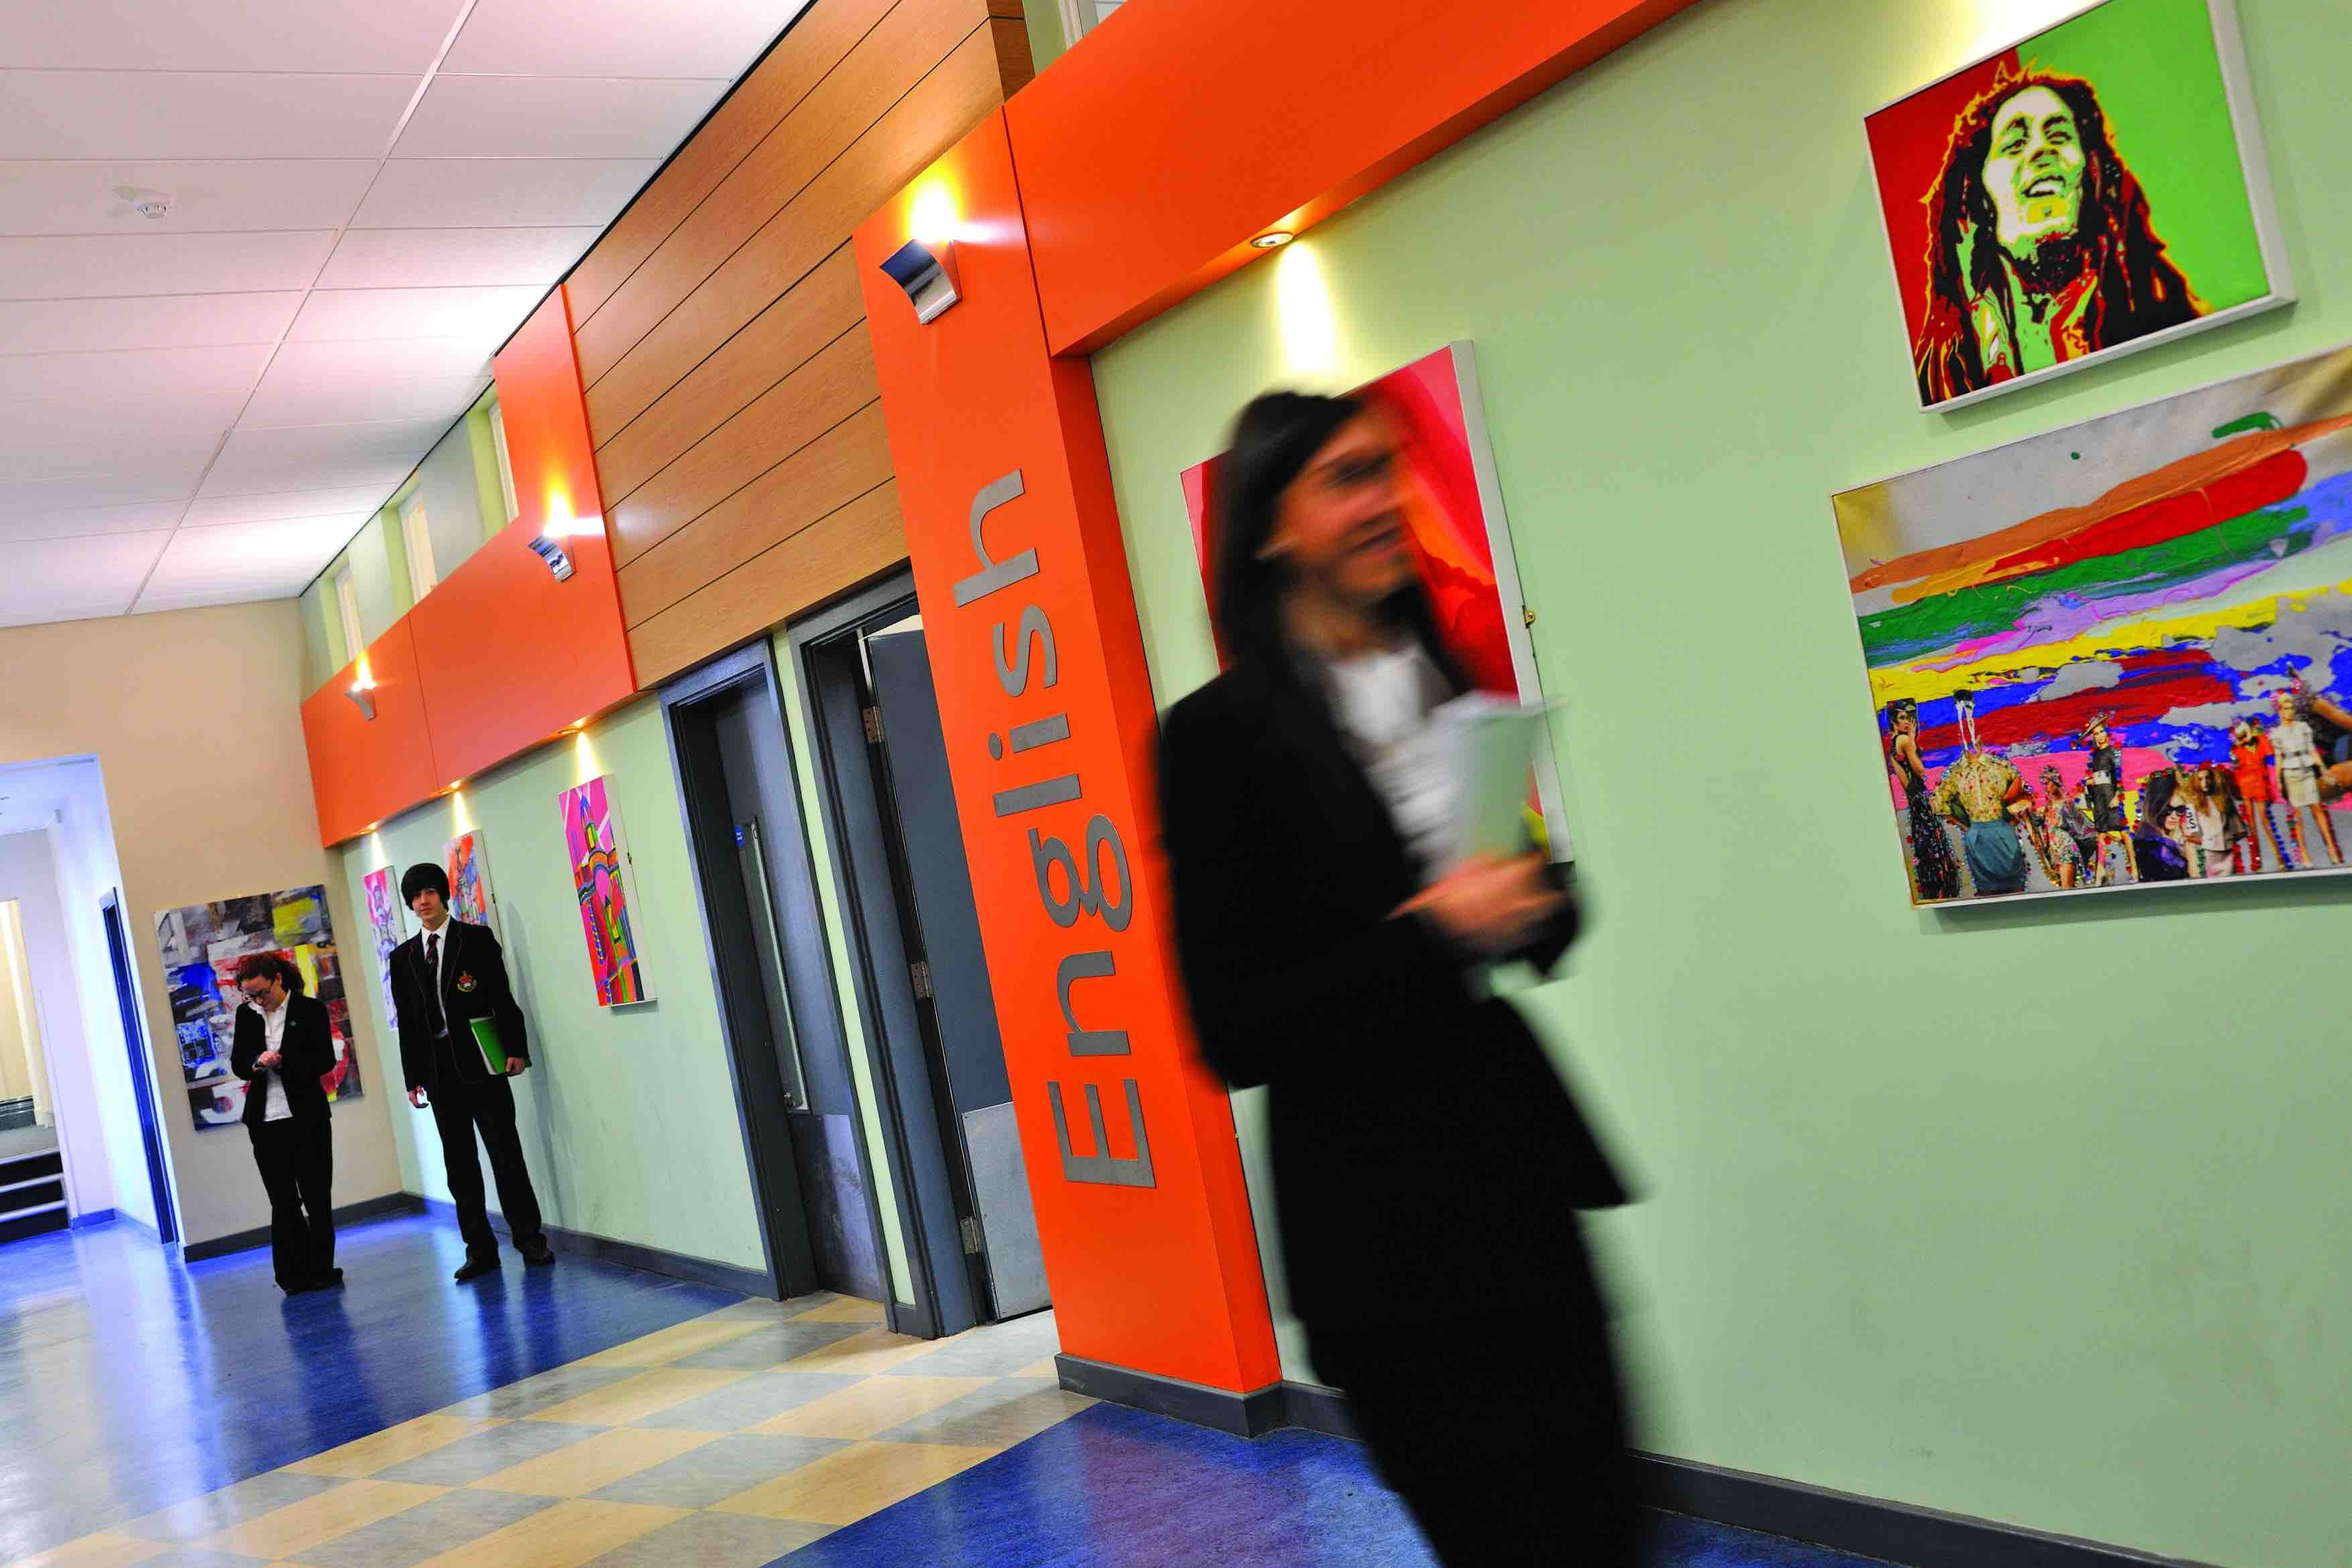 Student in a School Corridor